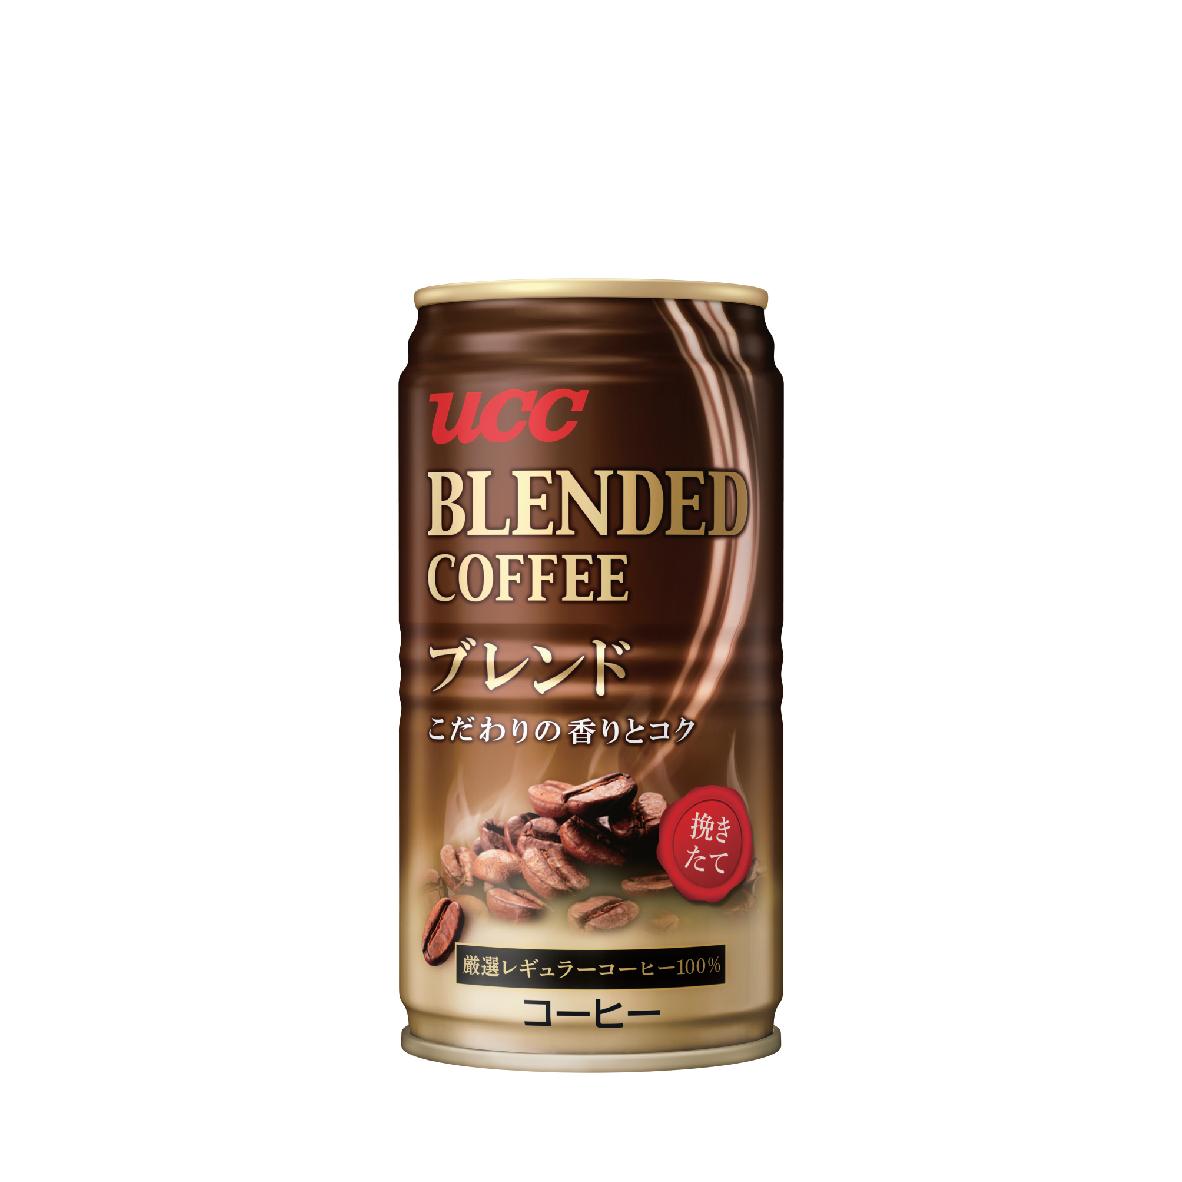 悠诗诗单品焙煎咖啡饮料